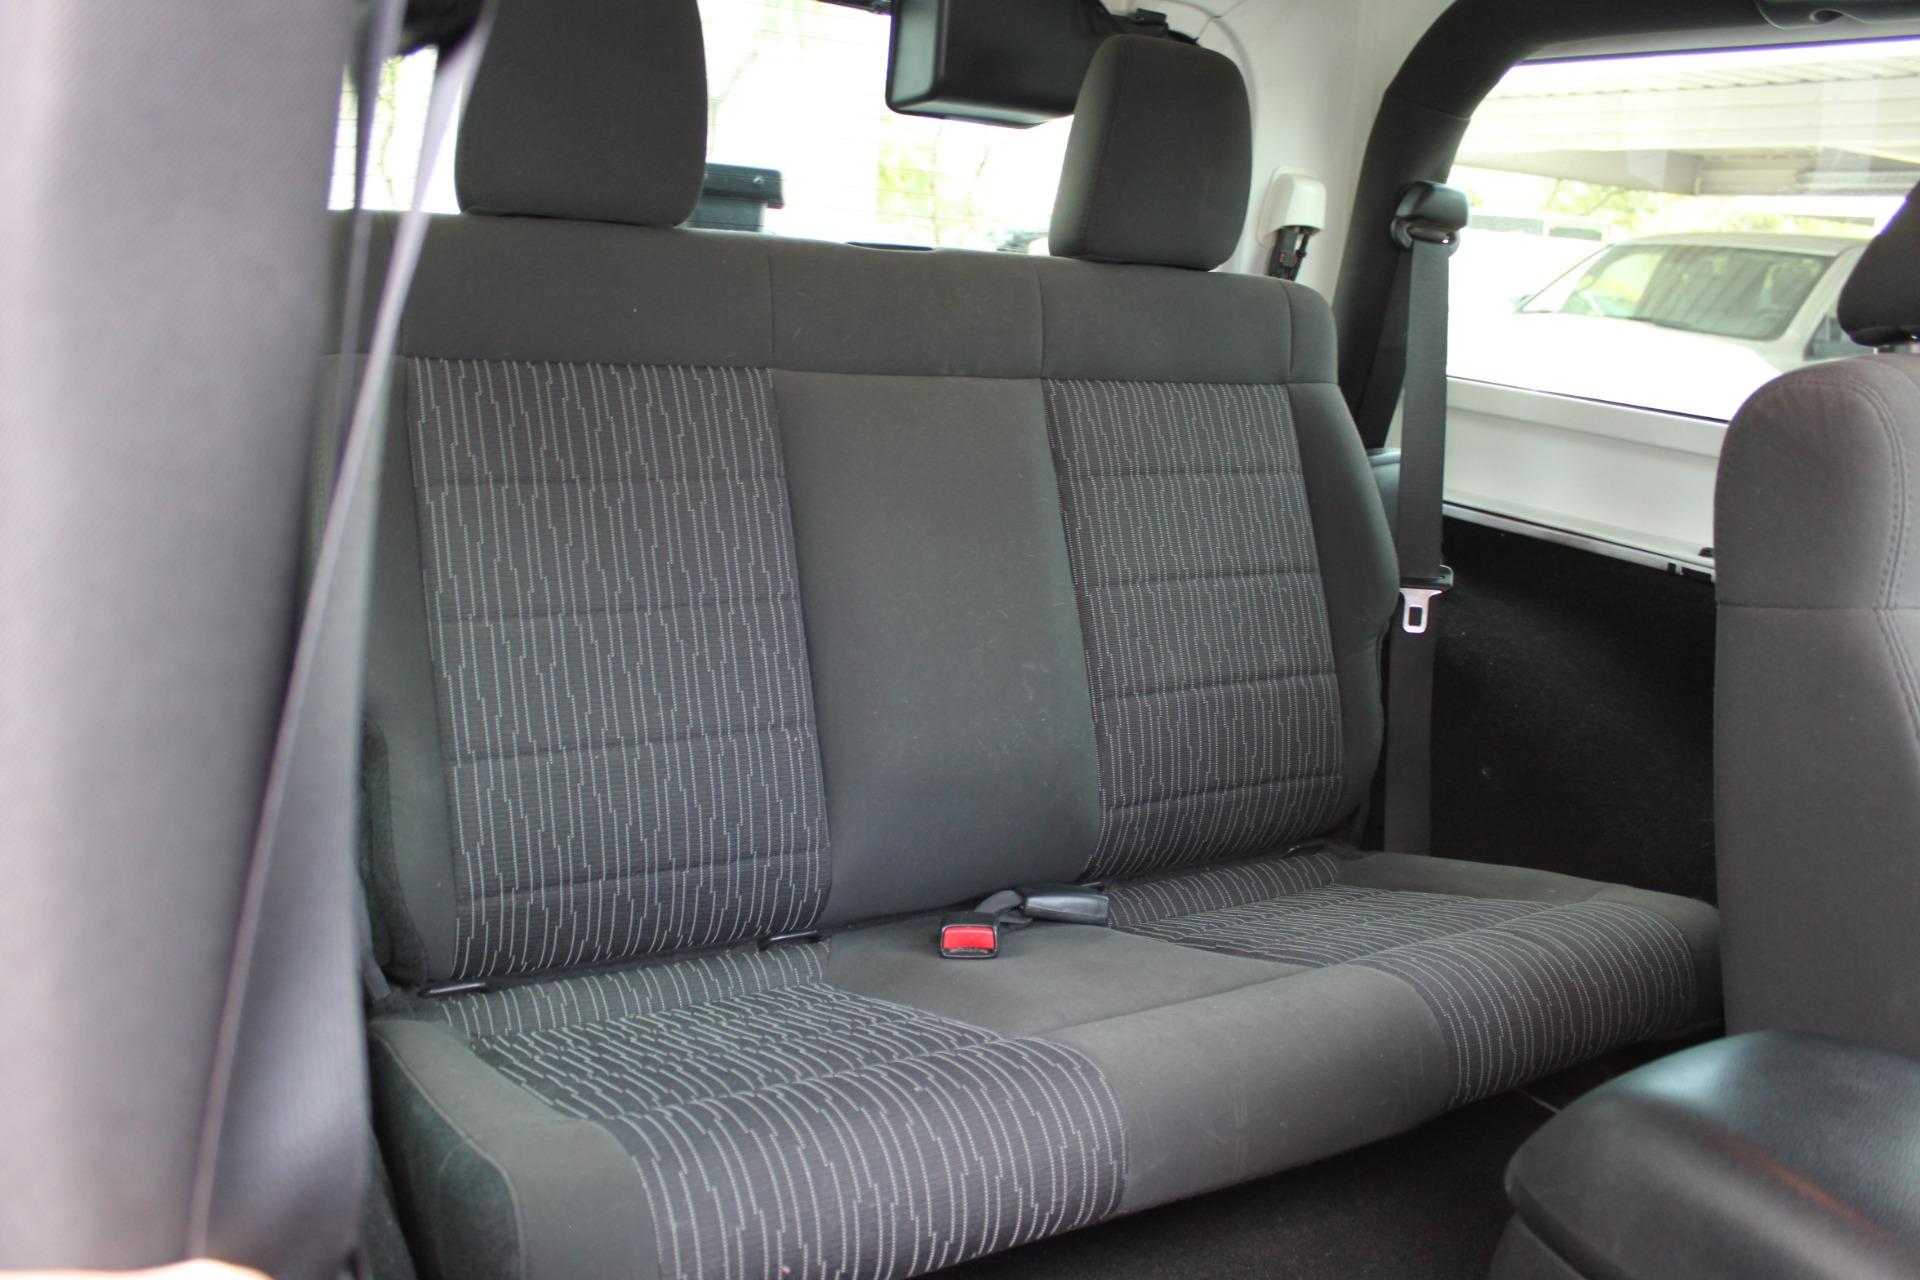 Used-2012-Jeep-Wrangler-Freedom-Edition-4X4-BMW